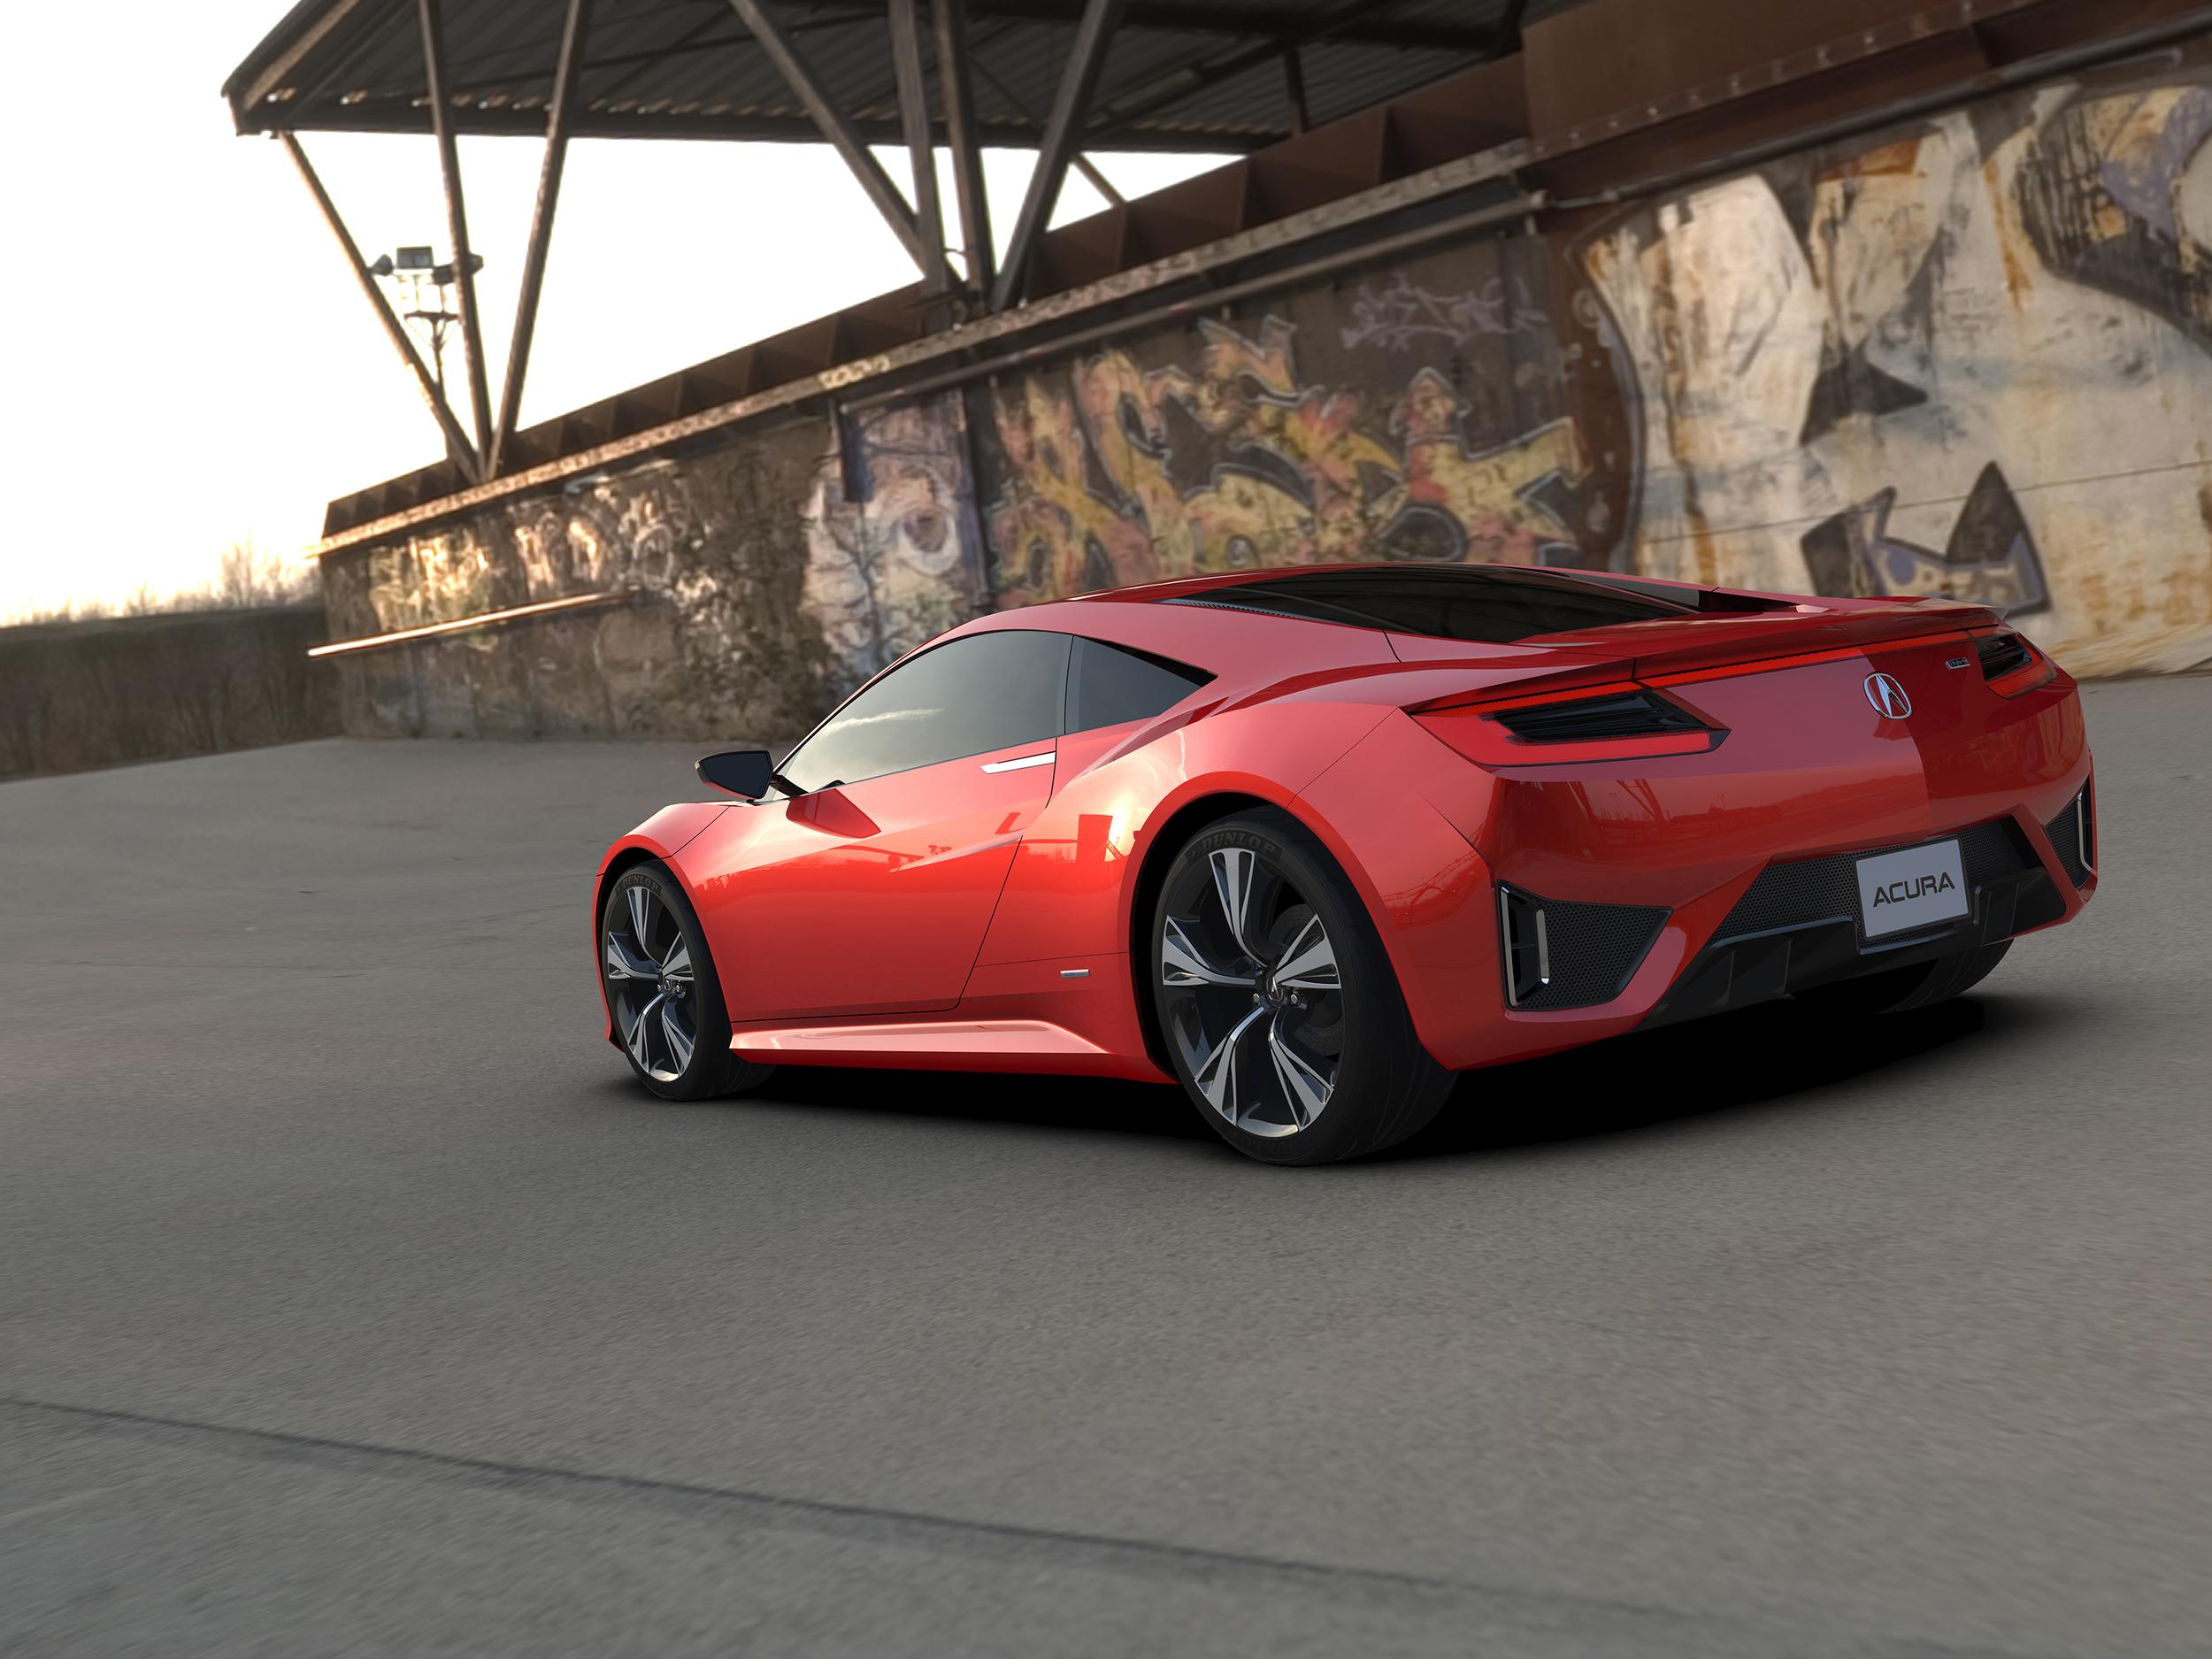 Acura_2014_NSX_Concept_3K.jpg